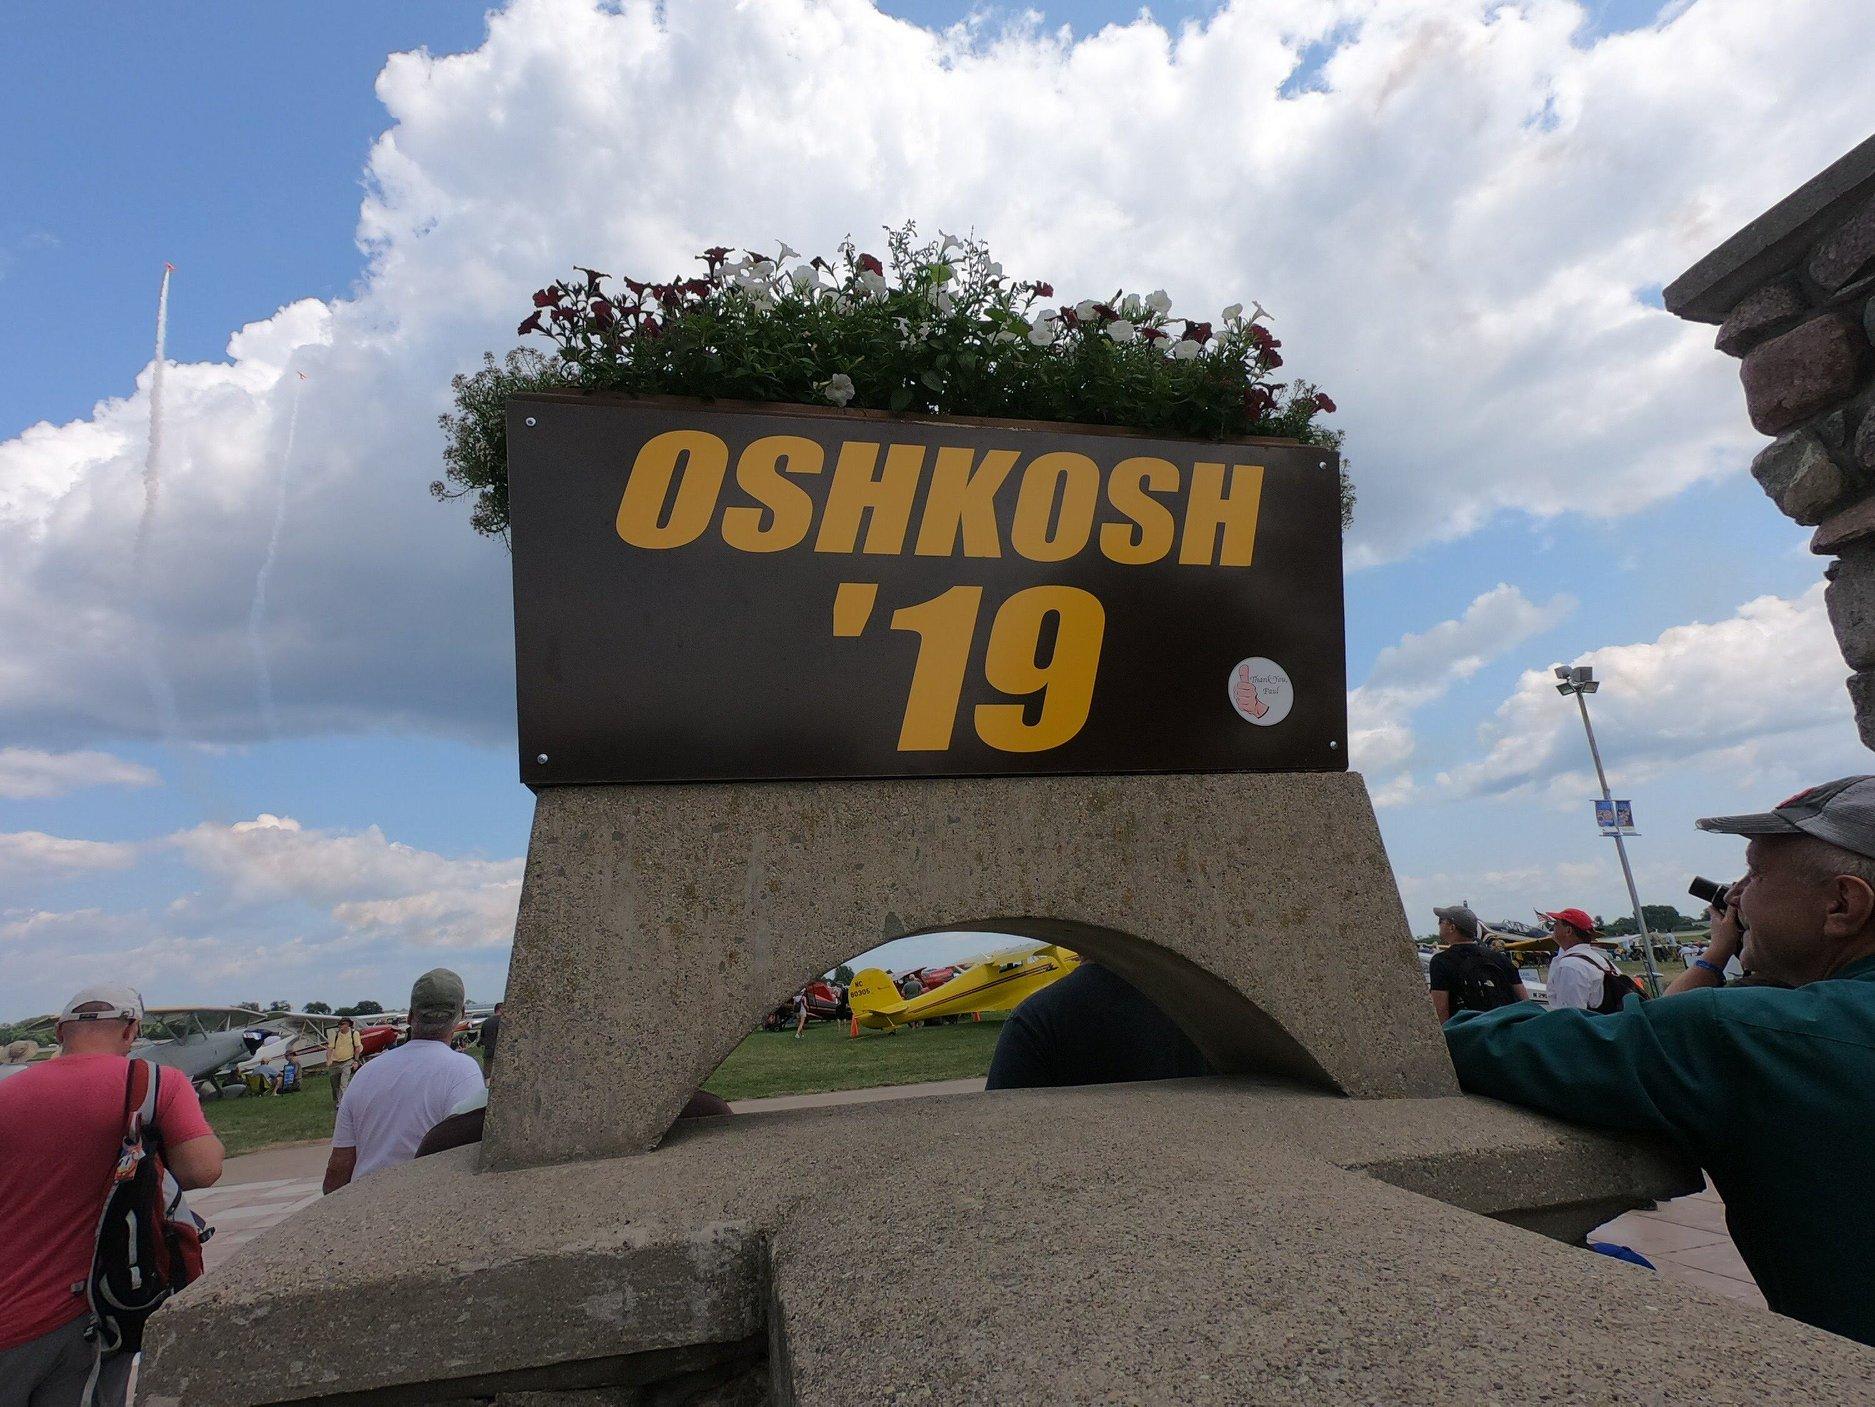 oshkosh-19